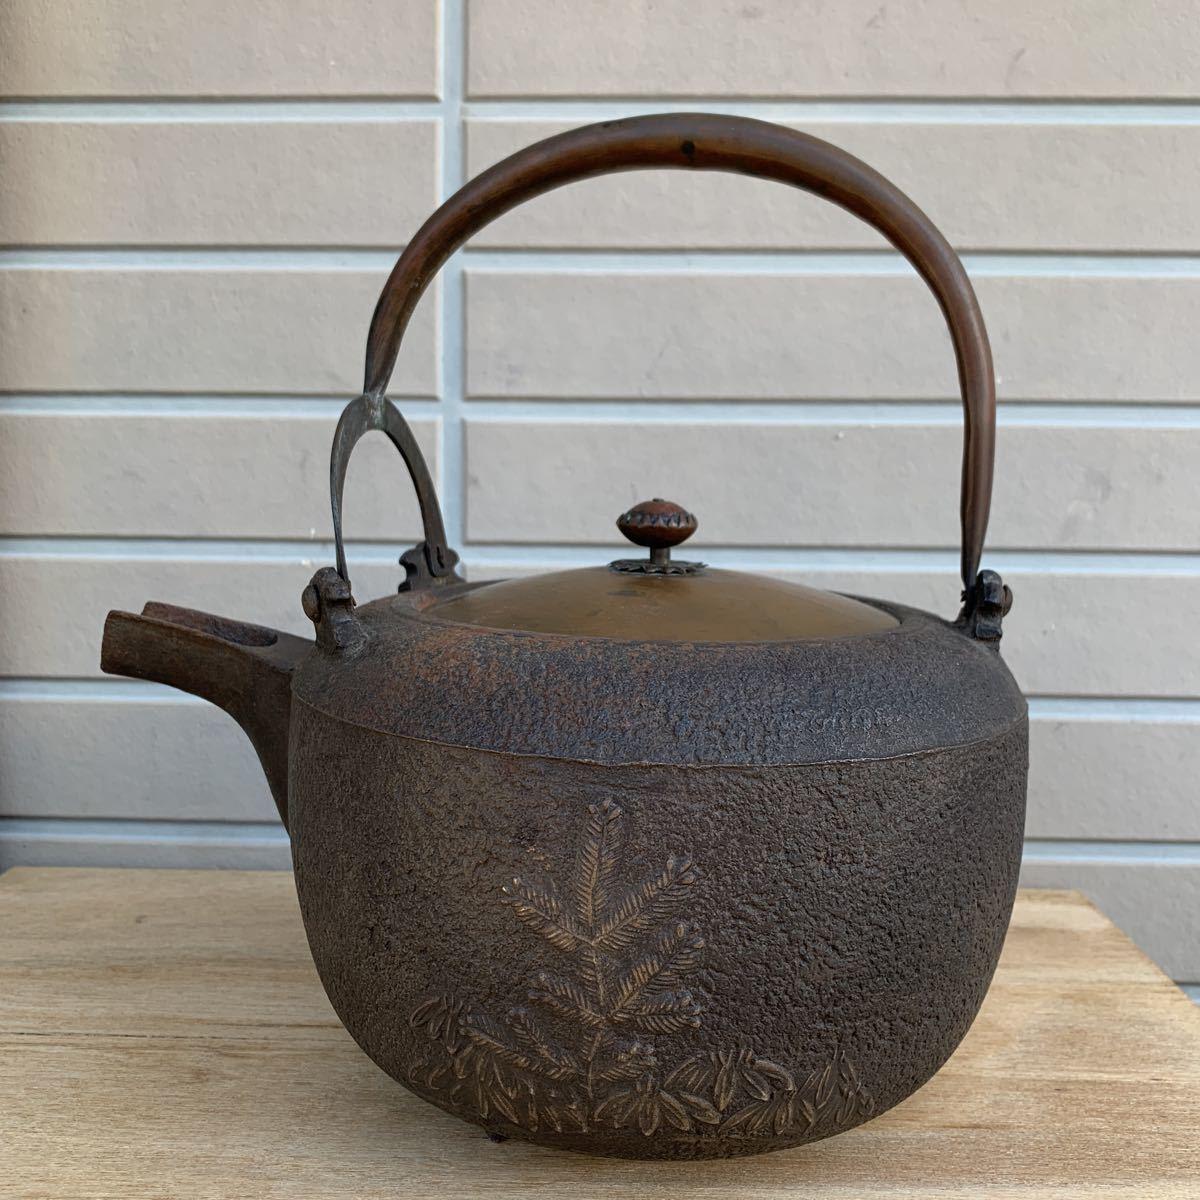 鉄瓶 松図 竹図 梅図 横約27cm 高さ約28cm 蓋唐金(大きさ13.2cm)煎茶道具_画像1